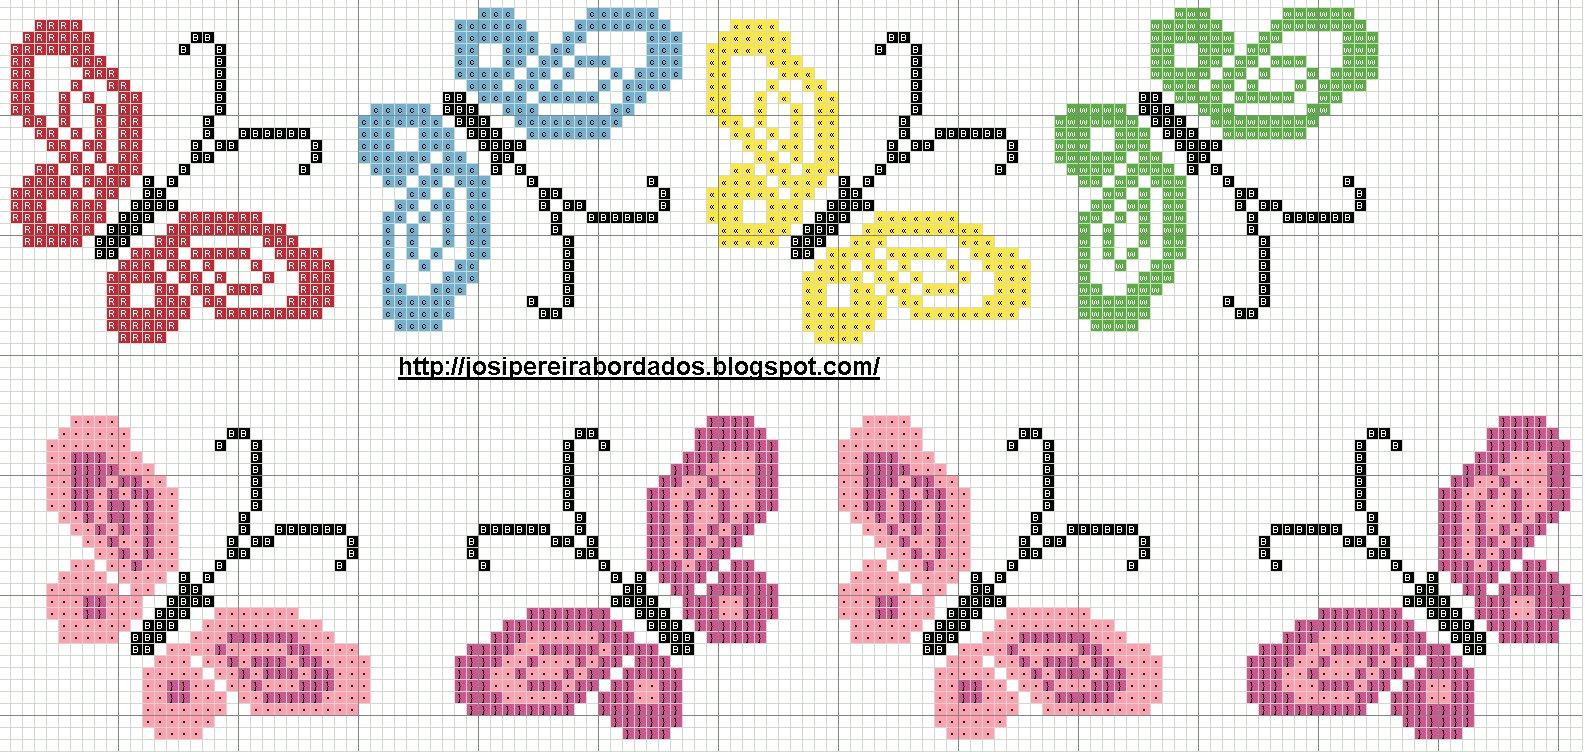 Вышивка крестом простая схемы : красиво и легко, маленькие для начинающих